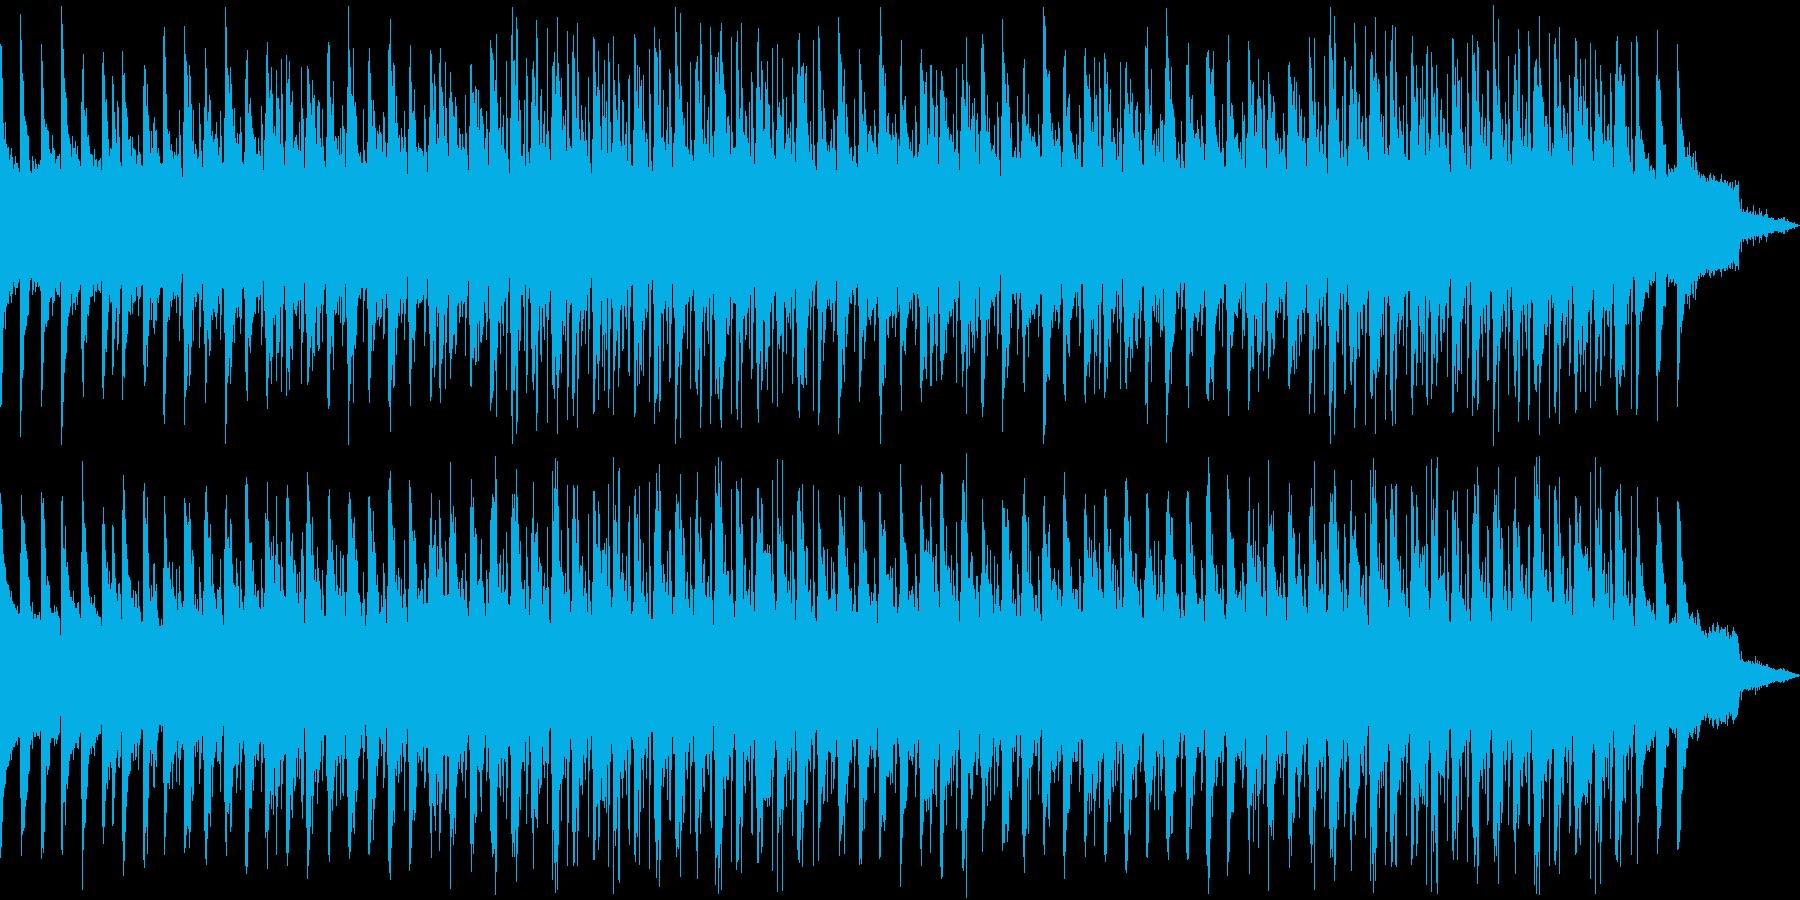 【切ない系】雨音の再生済みの波形